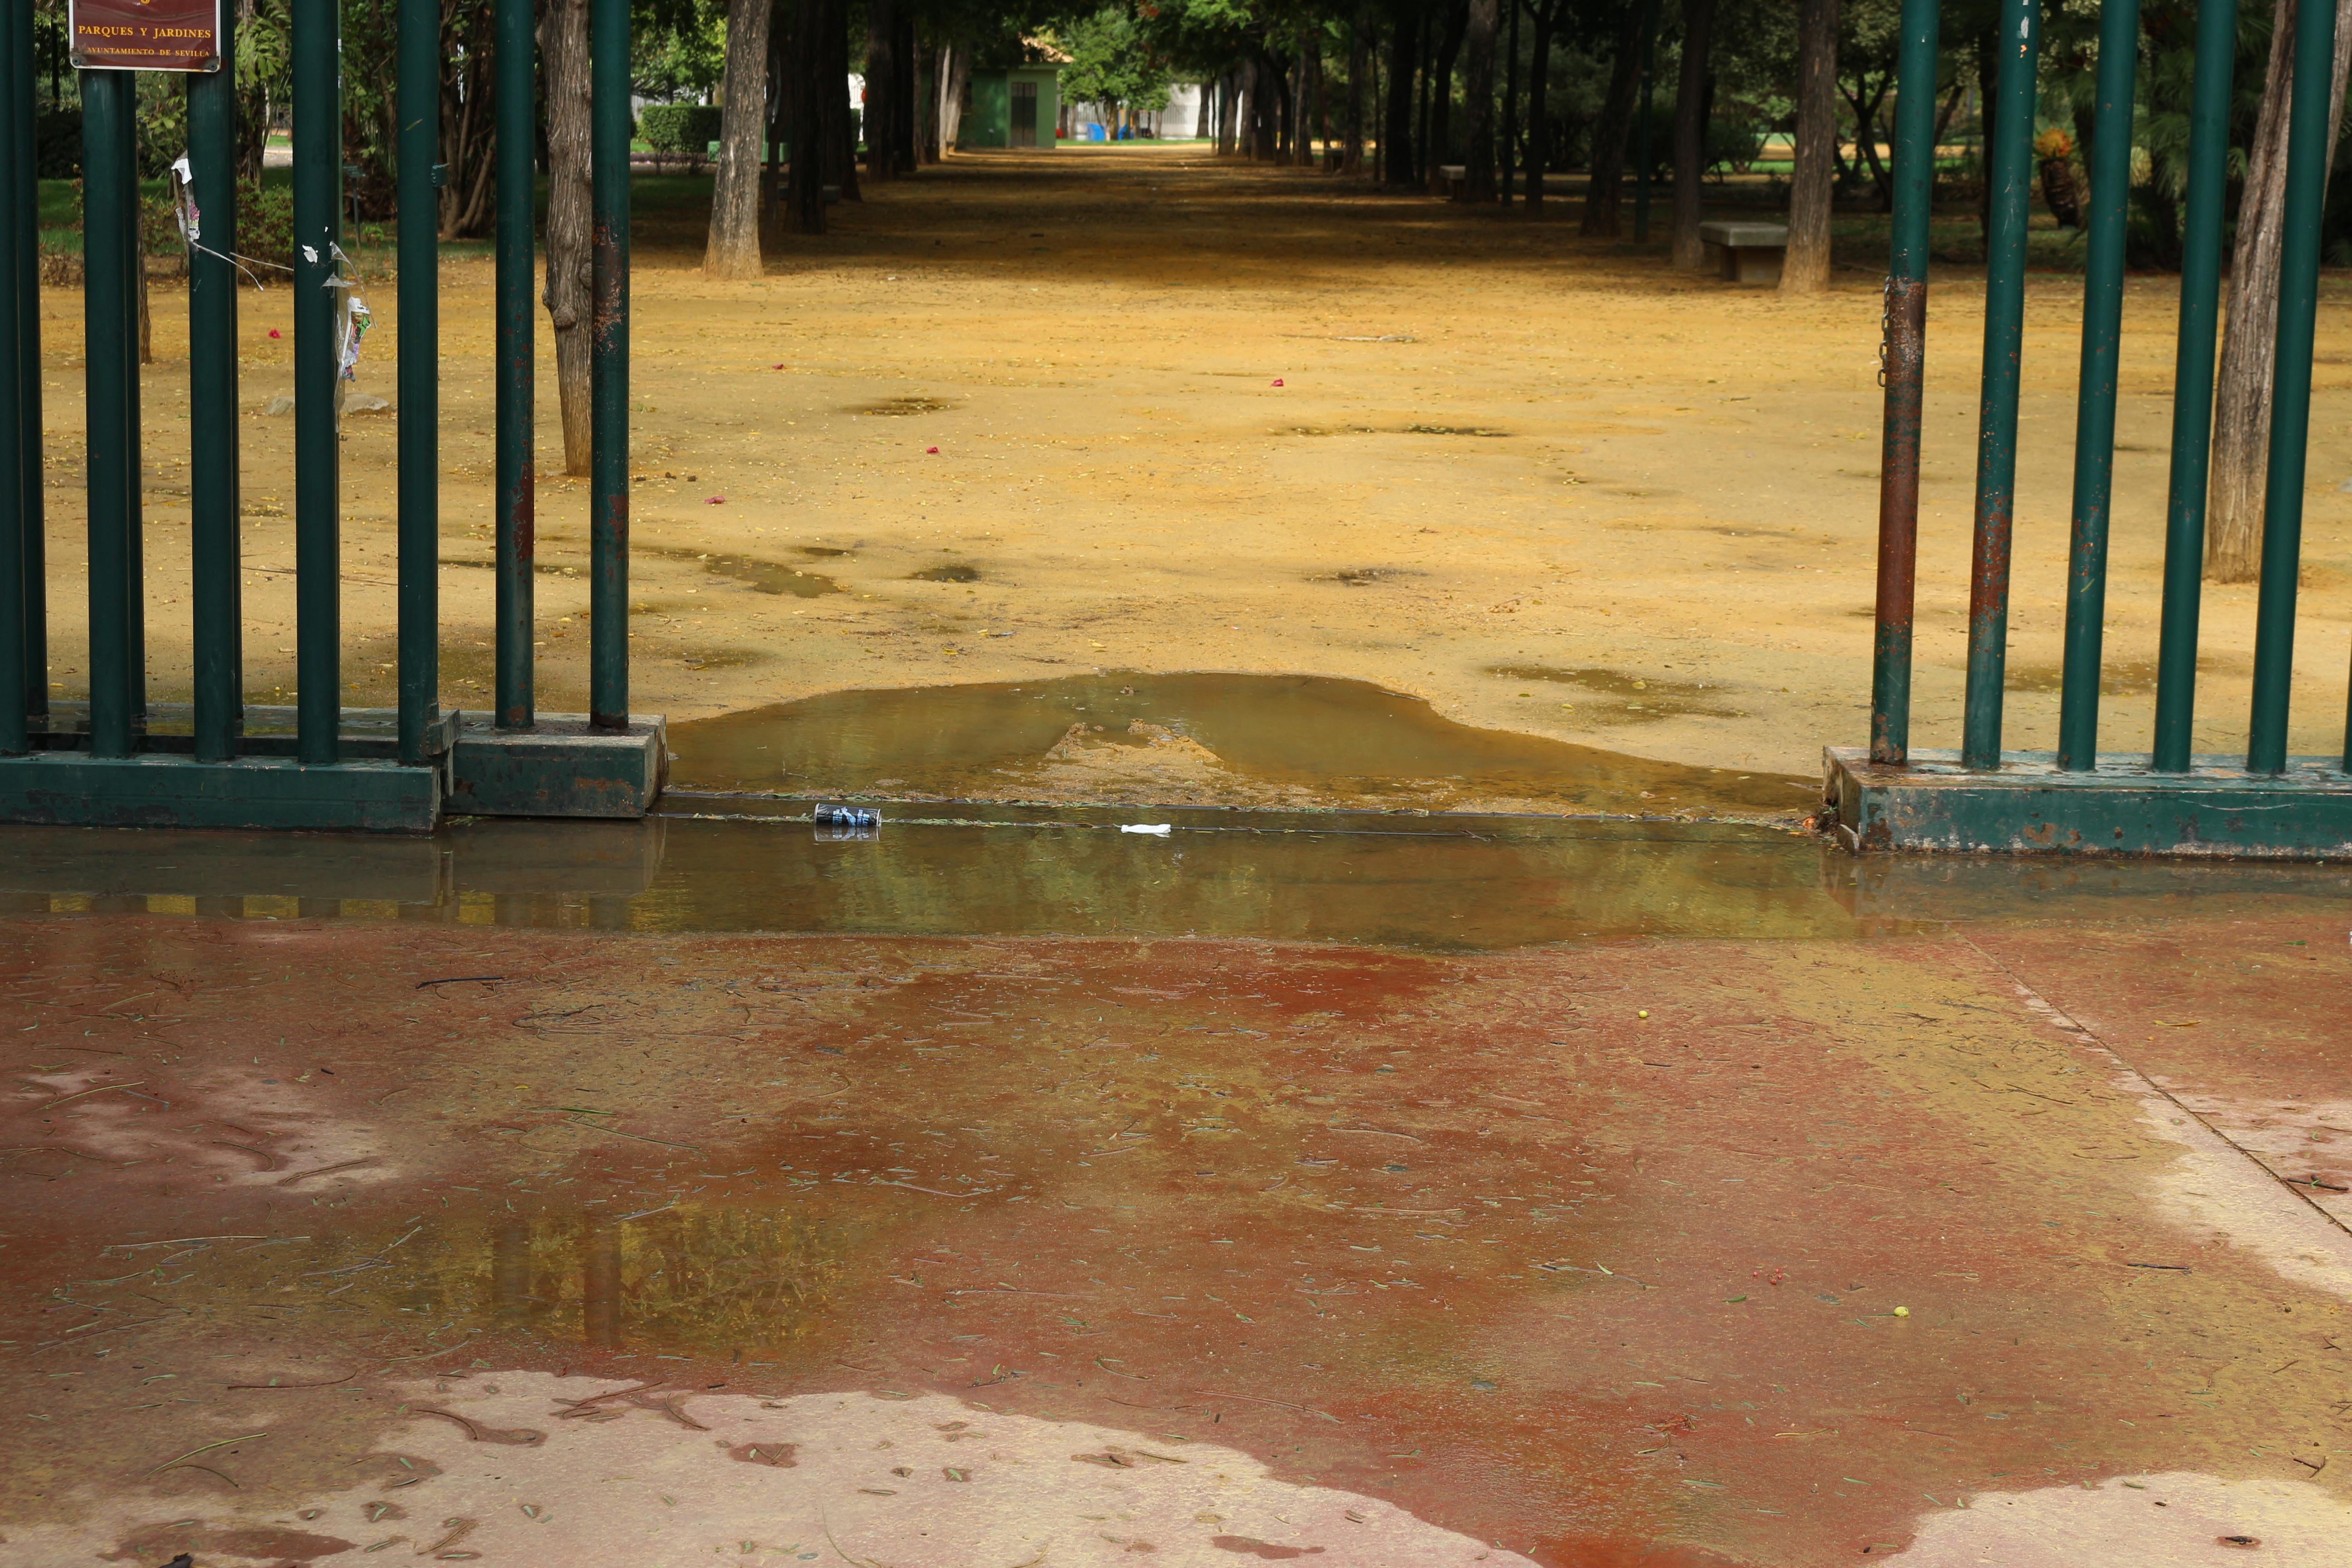 Imagen 5. Entrada sur del parque. Fuente: Elaboración propia.